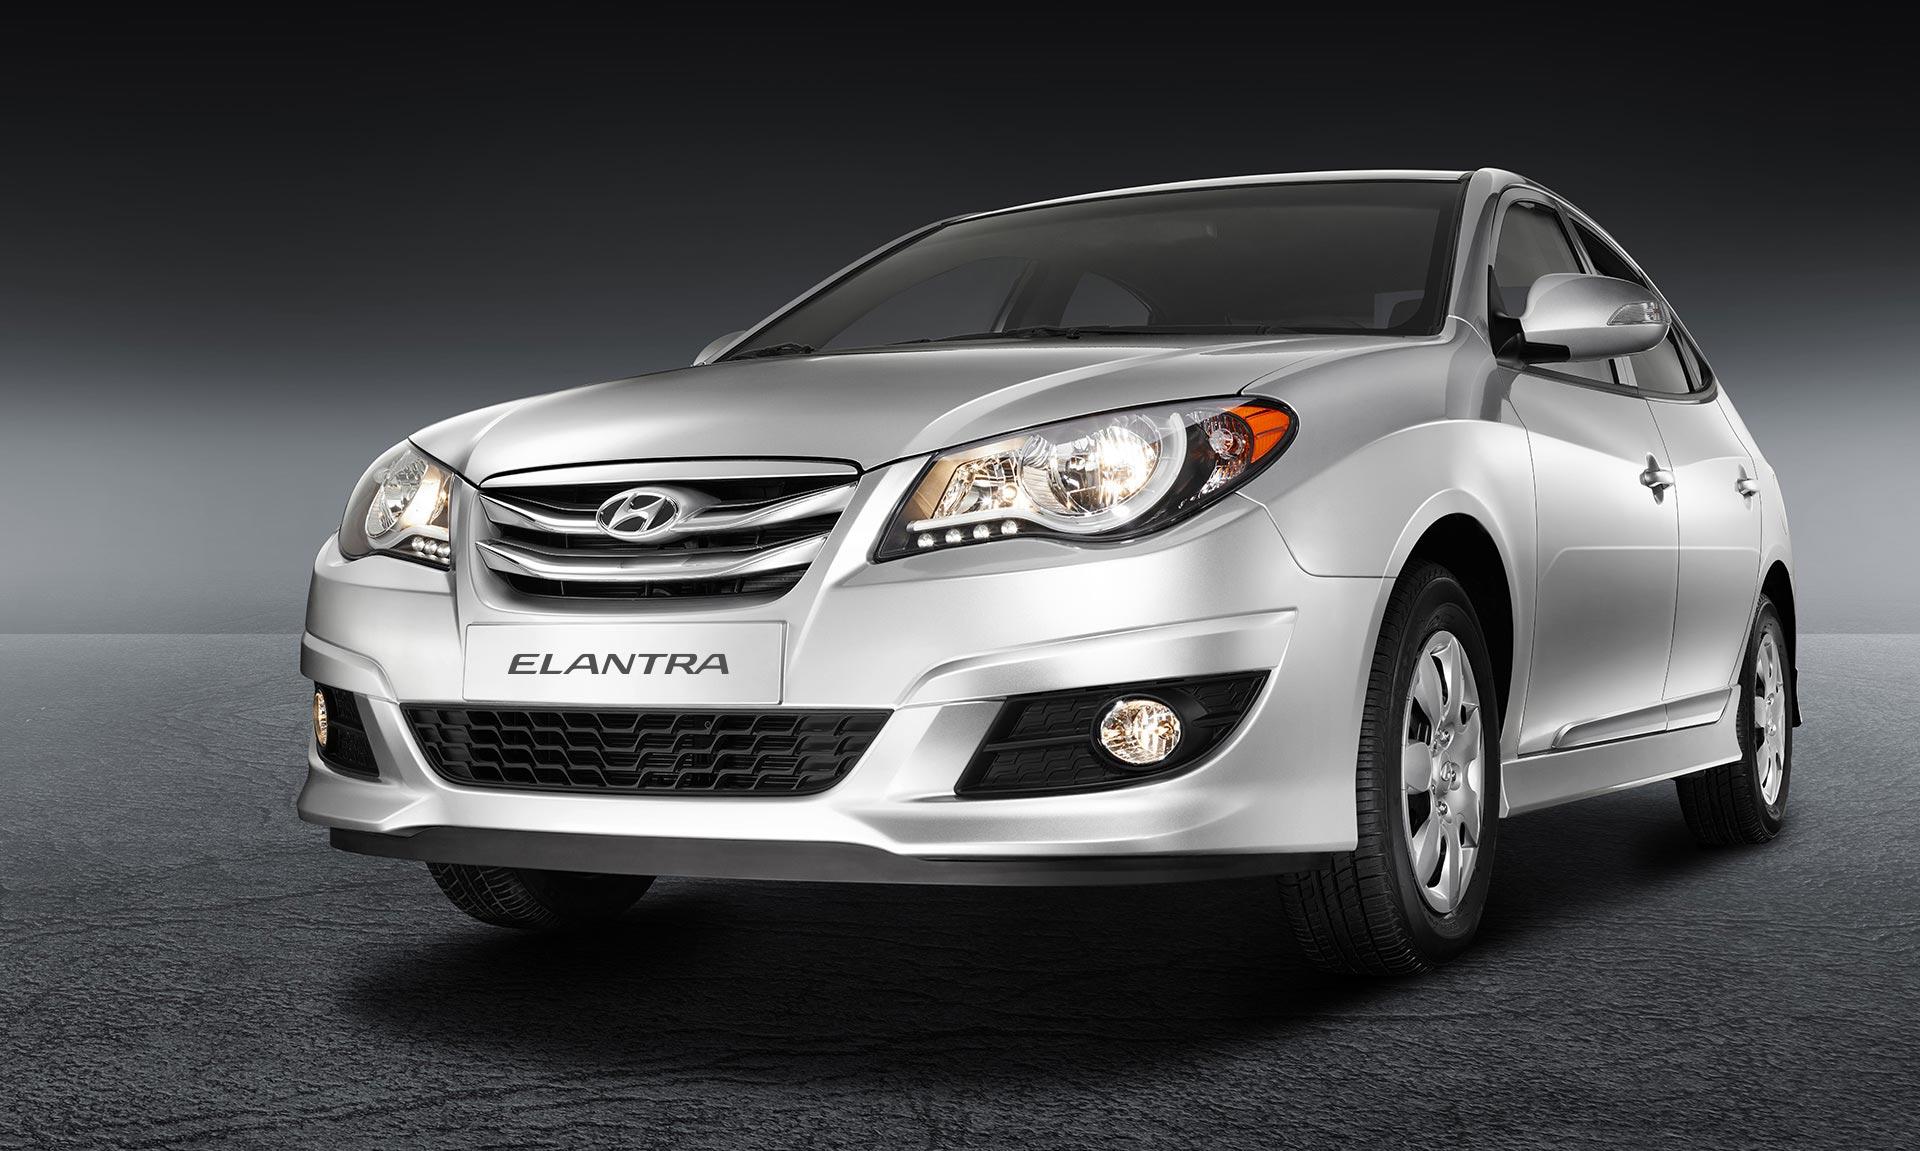 Hyundai Elantra Hd 2017 1 6l Standard In Egypt New Car